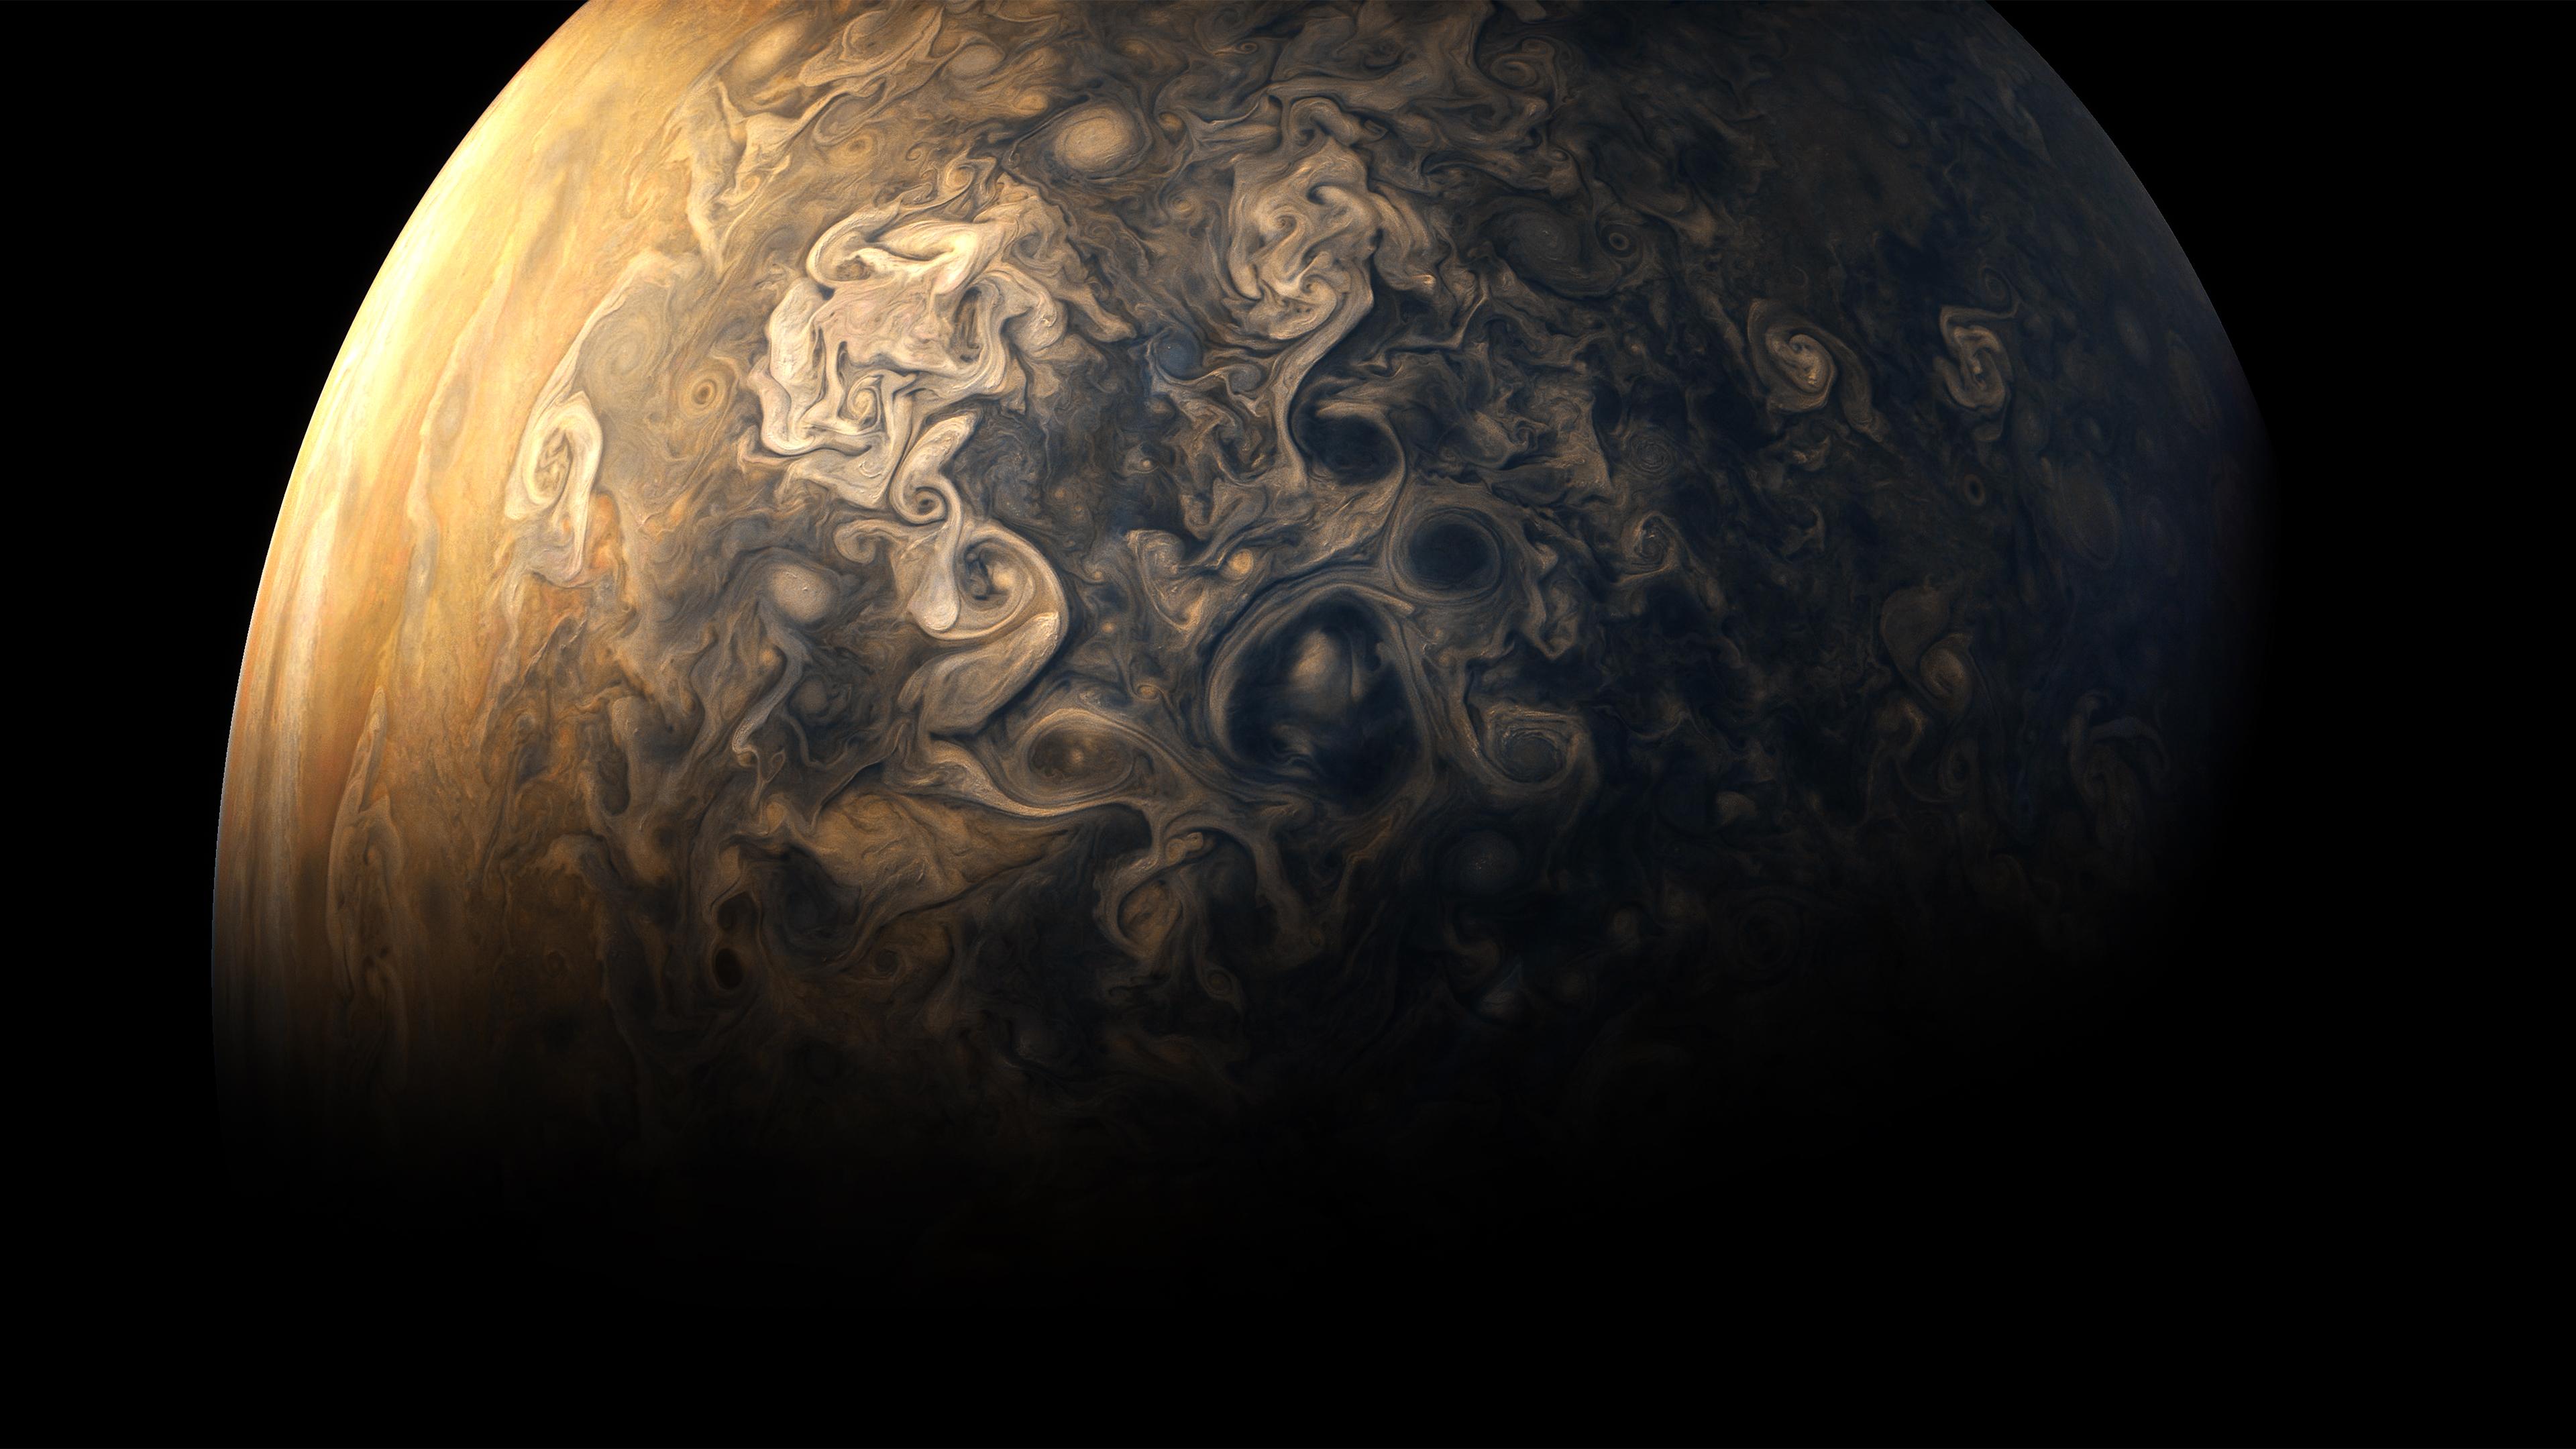 Wallpaper Jupiter Atmosphere Planet Black Background